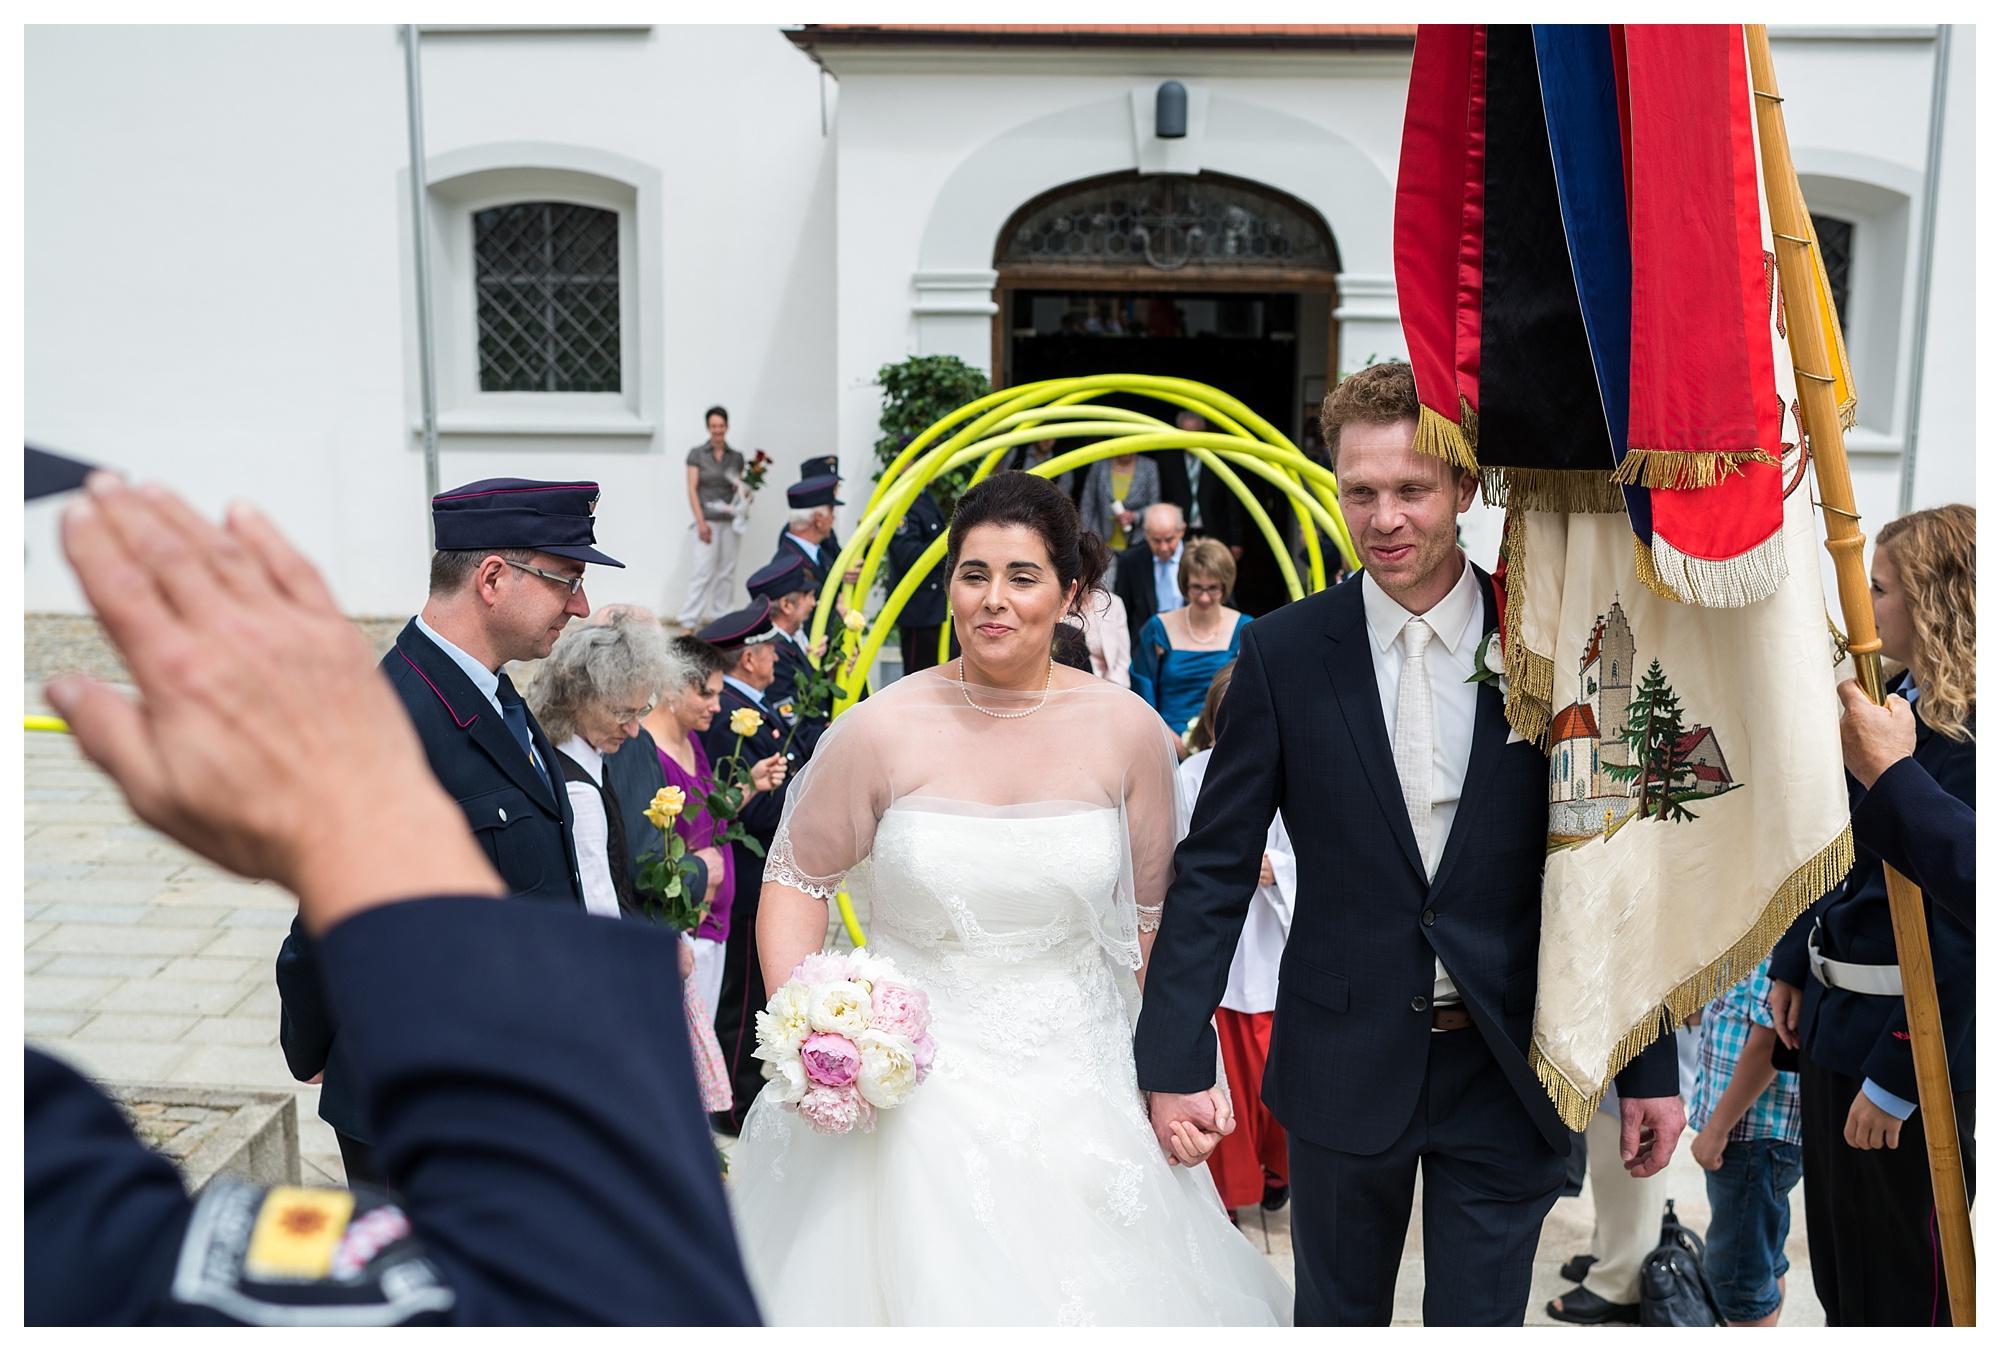 Fotograf Konstanz - Hochzeit Tanja Elmar Elmar Feuerbacher Photography Konstanz Messkirch Highlights 041 - Hochzeitsreportage von Tanja und Elmar im Schloss Meßkirch  - 40 -